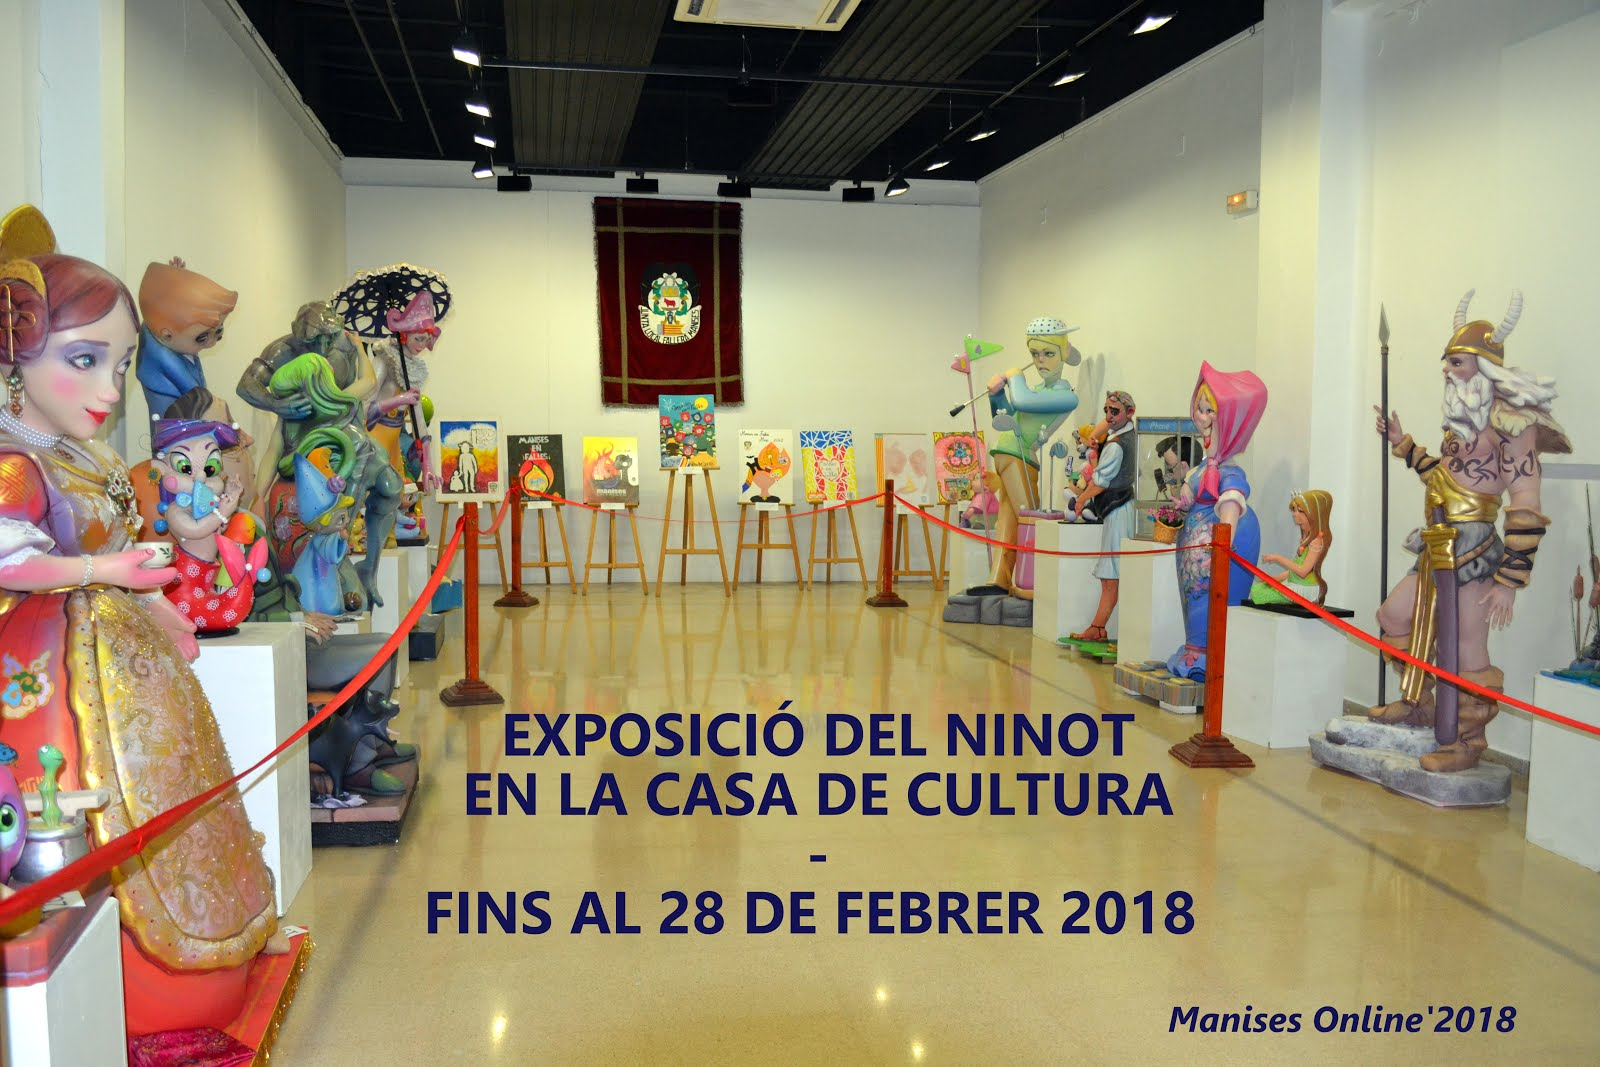 23.02.18 LES FALLES DE 2018: L'EXPOSICIÓ DEL NINOT EN LA CASA DE CULTURA DE MANISES